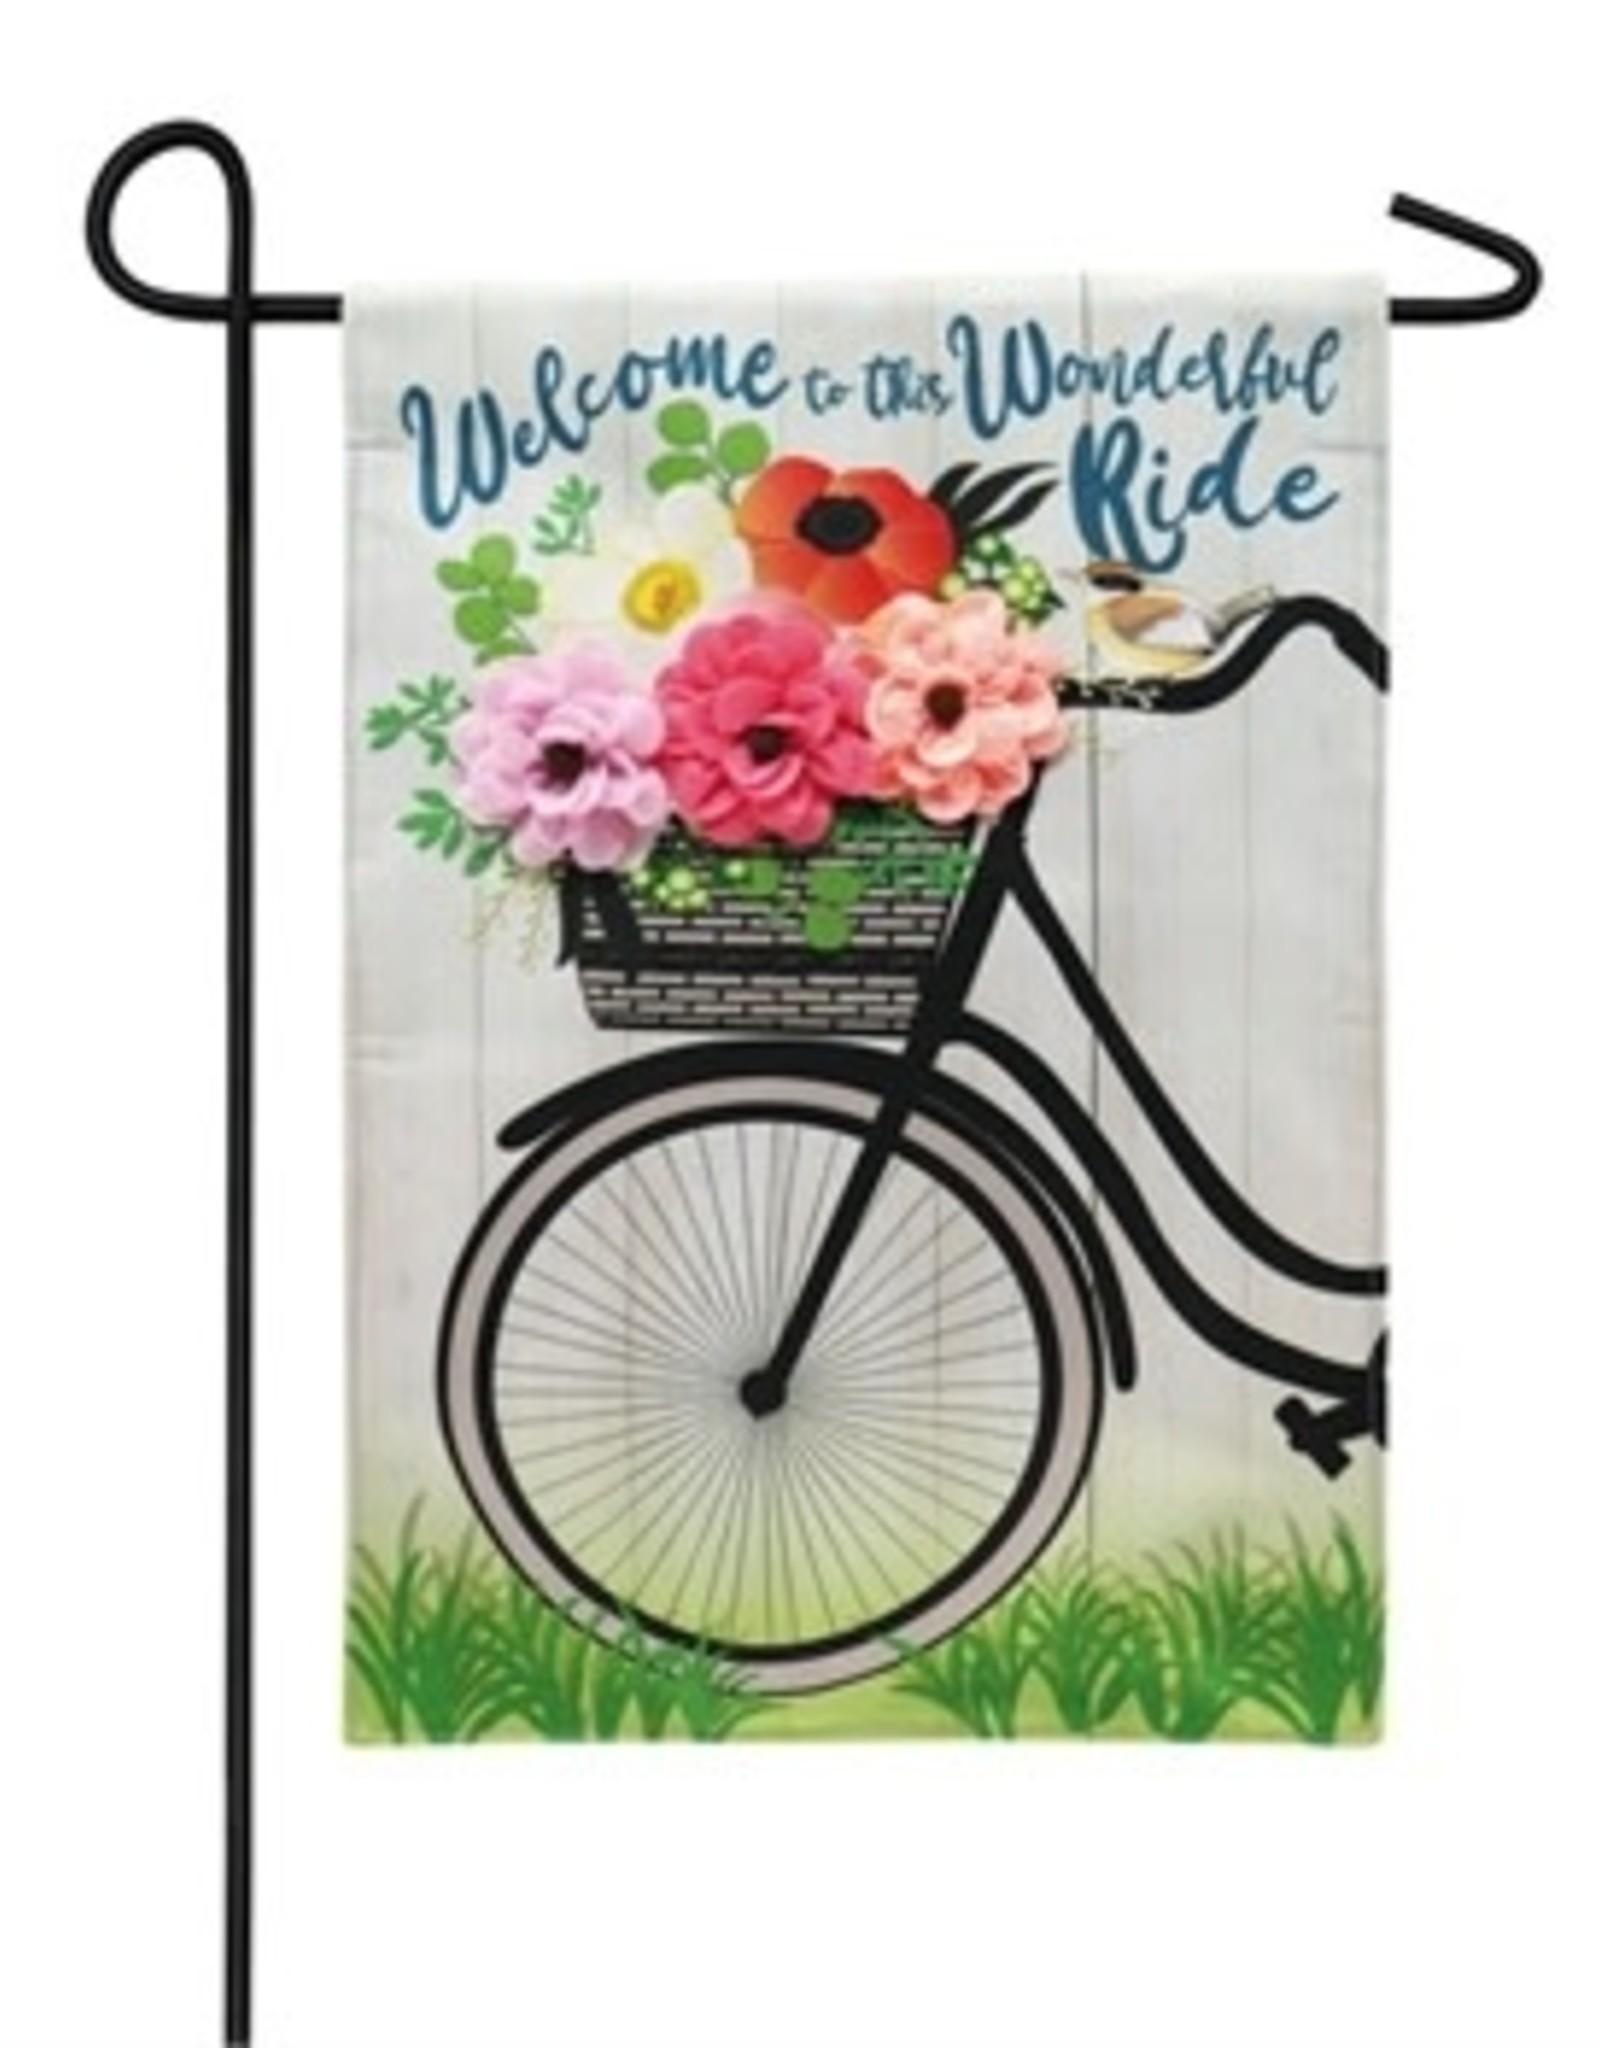 Wonderful Ride Garden Flag